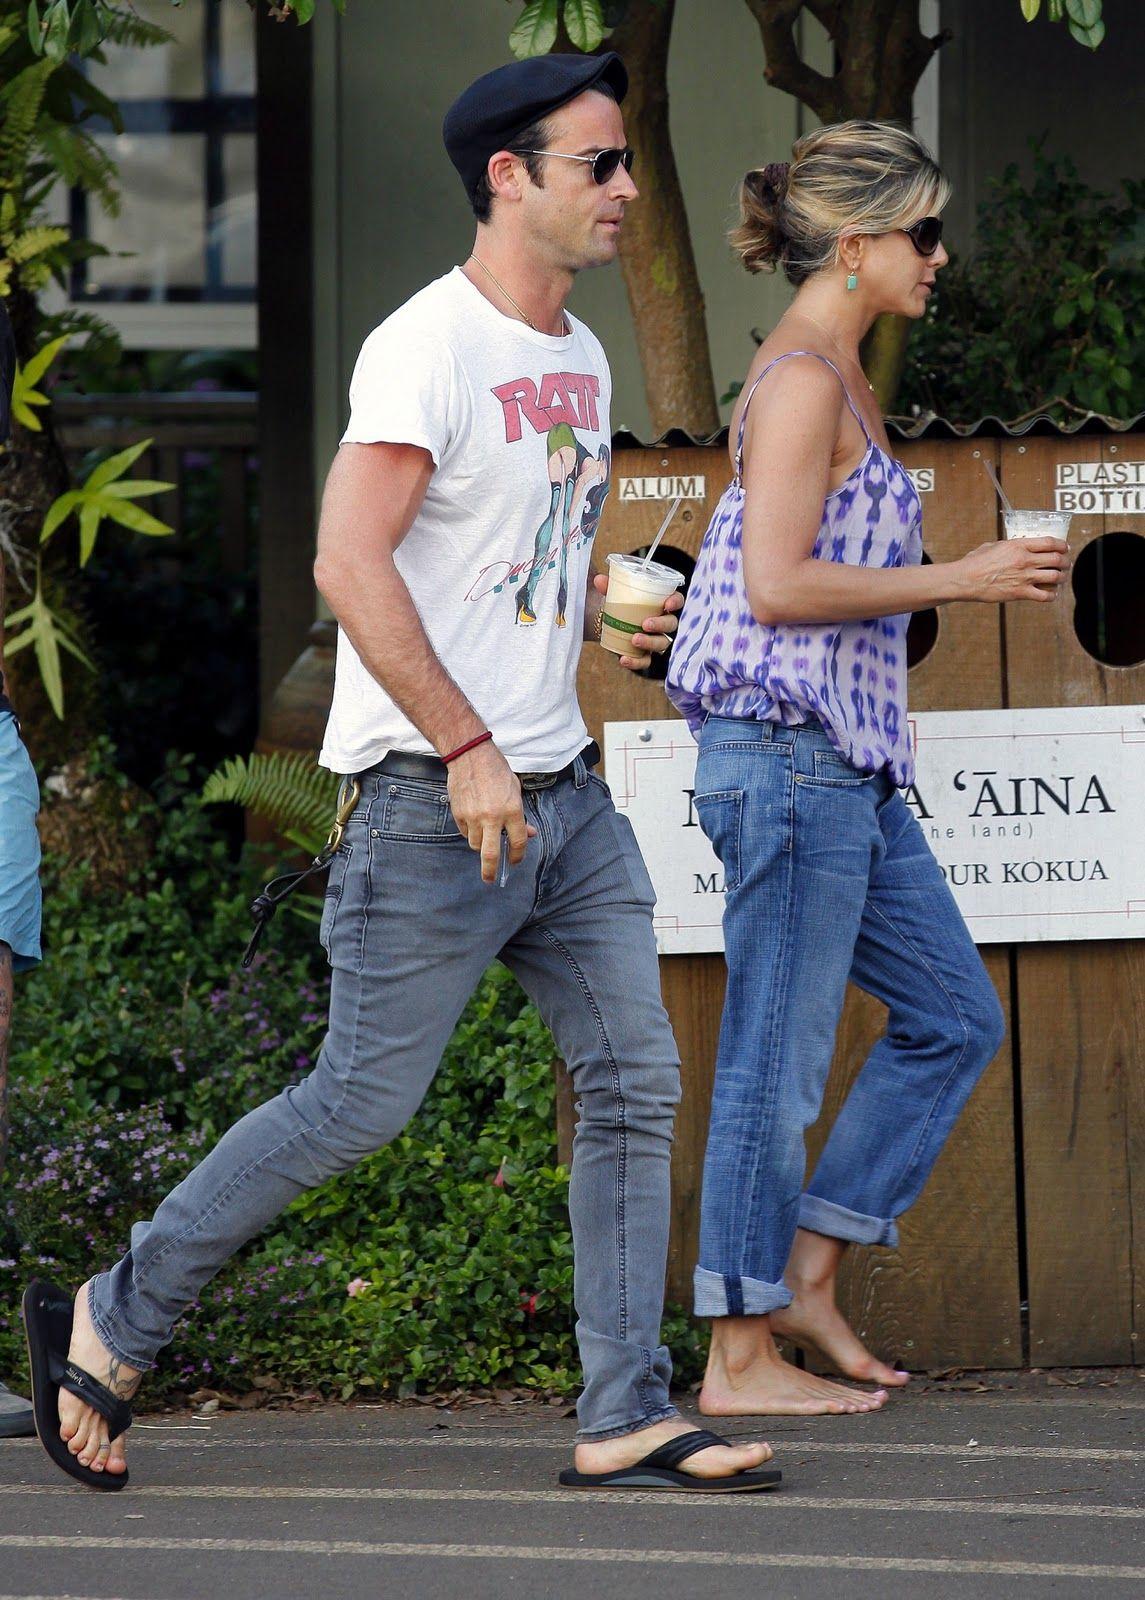 Barefoot Celebrities Jennifer Aniston Walking In